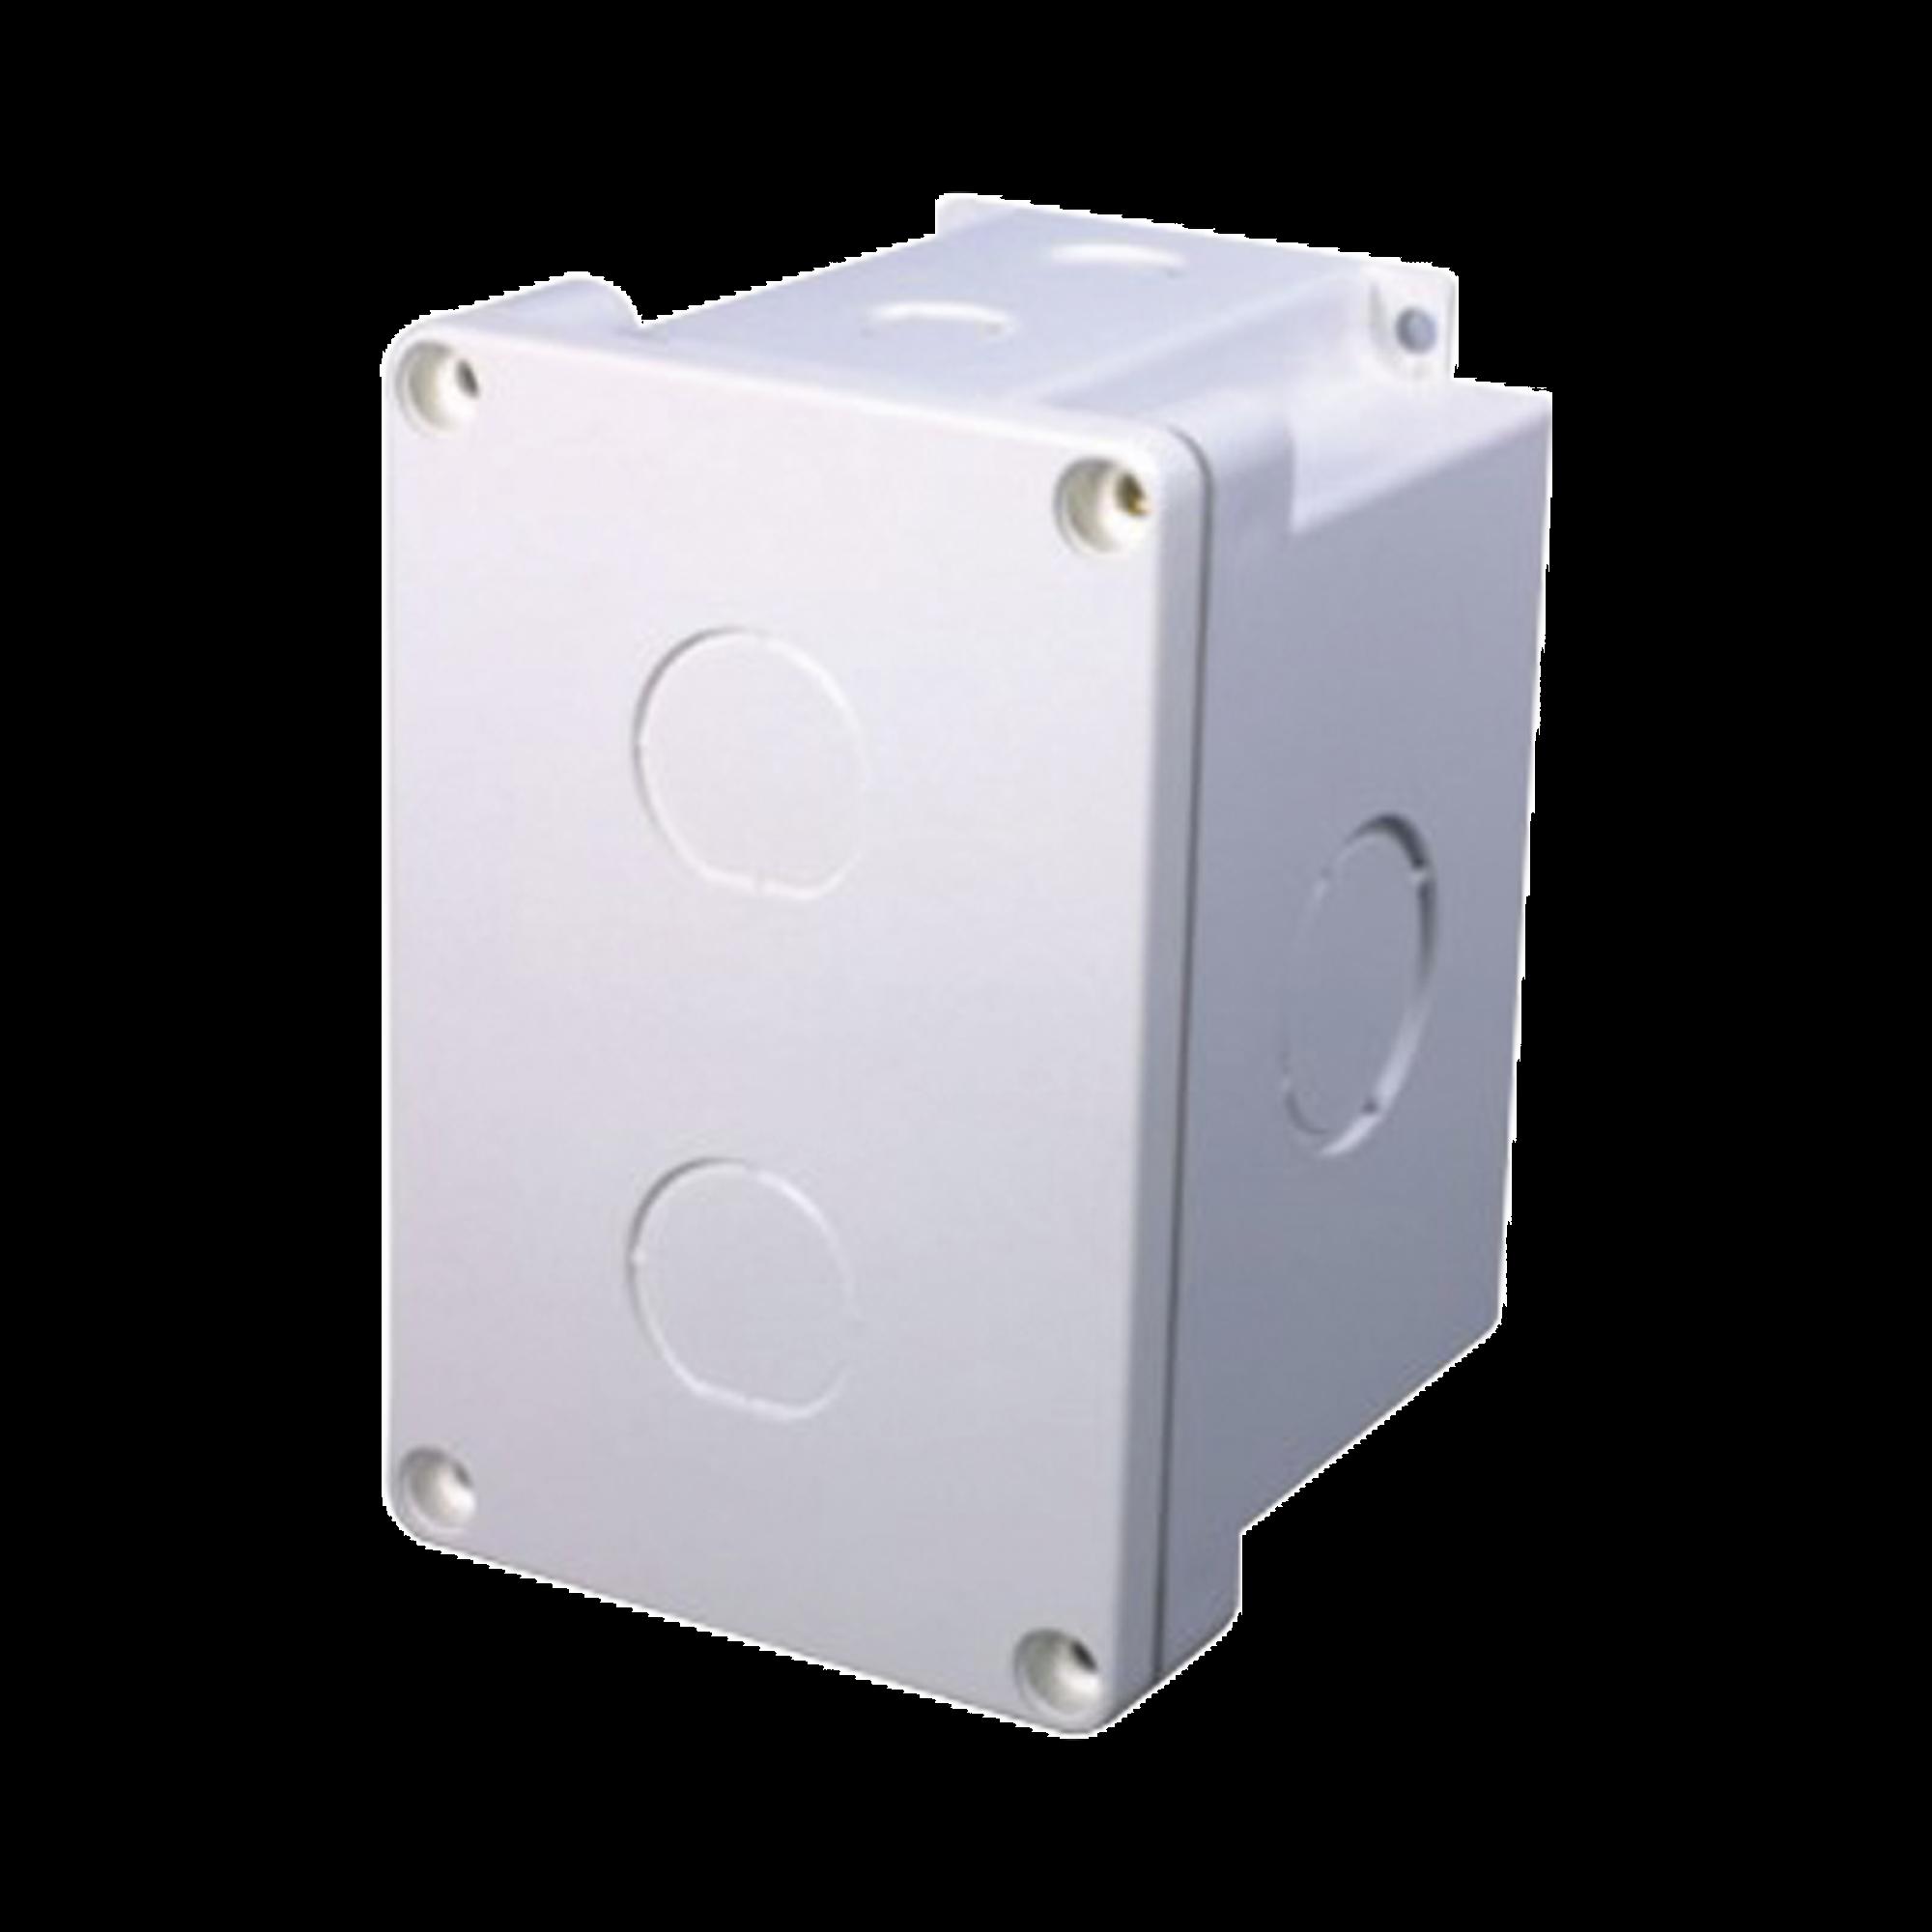 Caja Superficial a prueba de agua (IP67) con 2 salidas para Aplicaciones Industriales